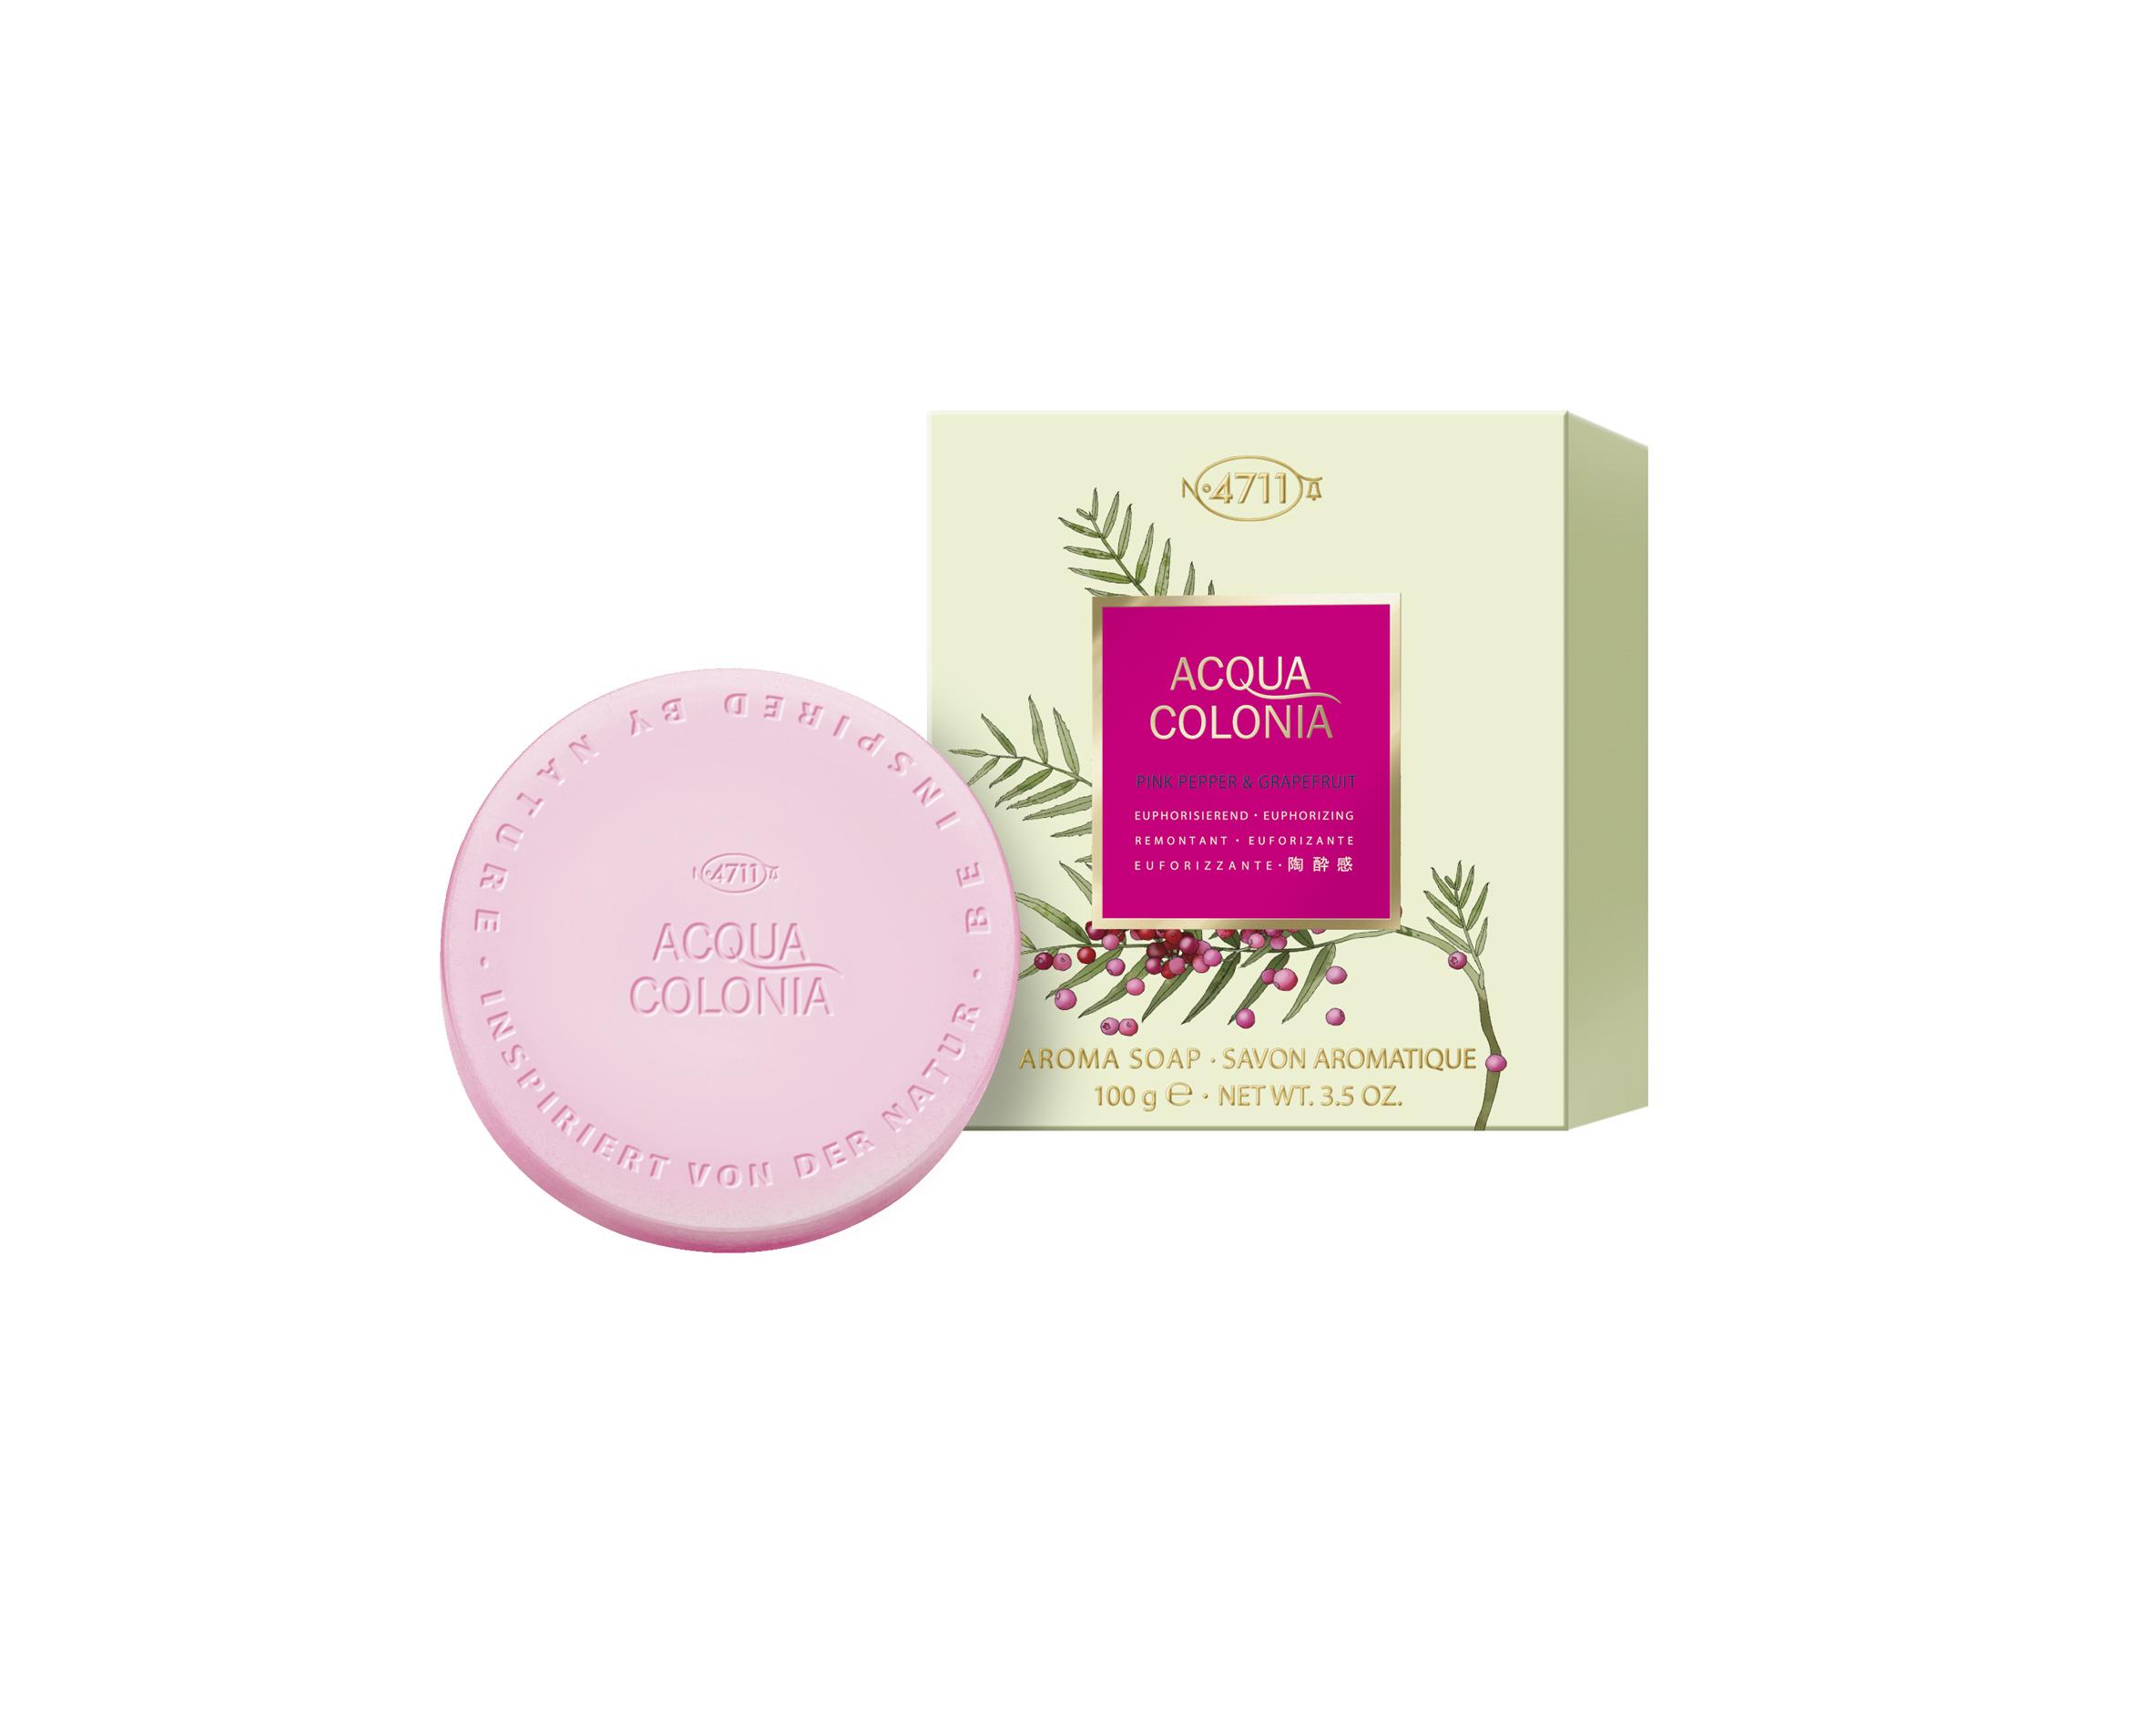 Jabón de pimienta rosa, de 4711